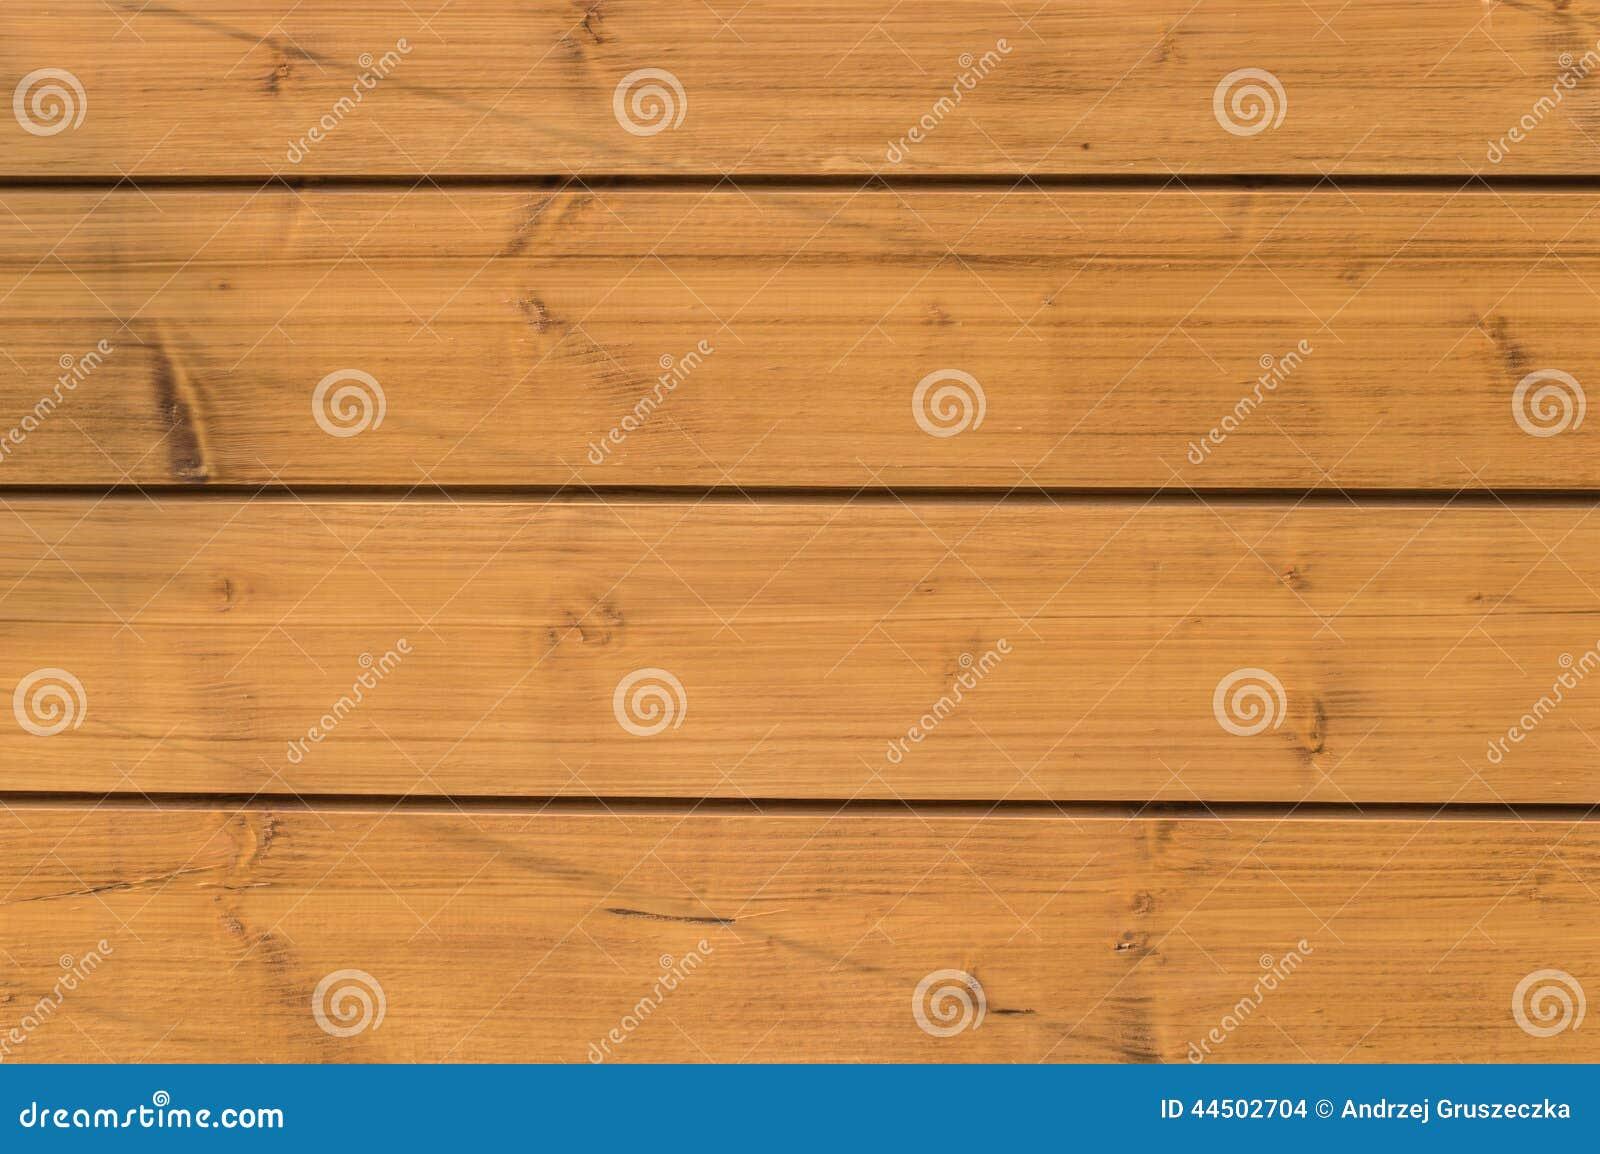 木板条 库存照片 - 图片: 44502704